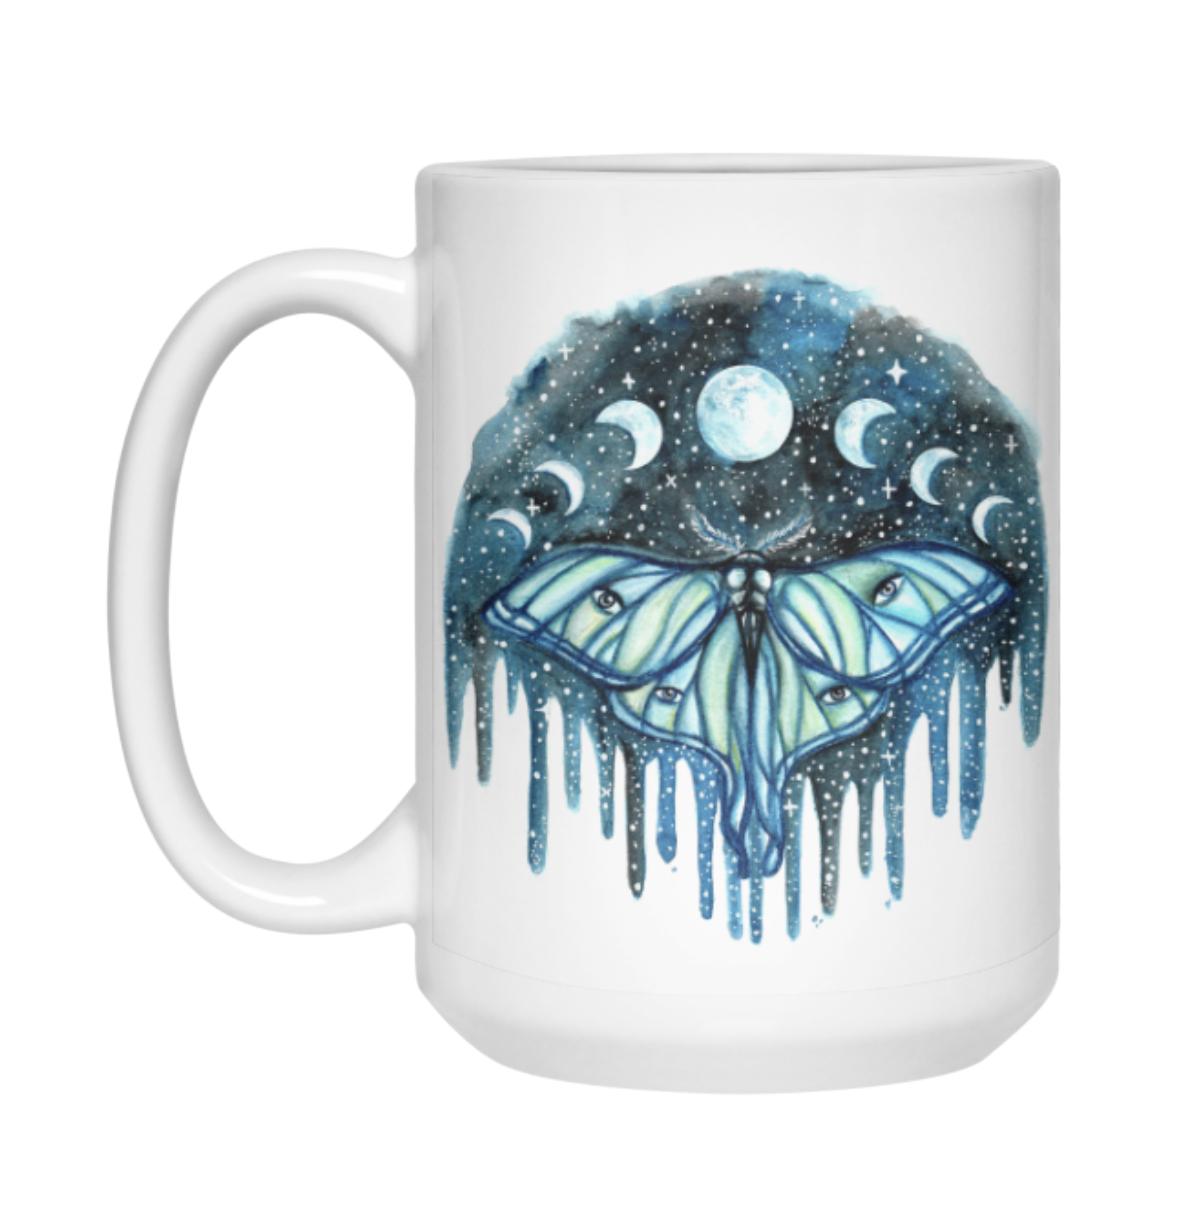 Luna Moth and lunar phase mug by rachael caringella tree talker art